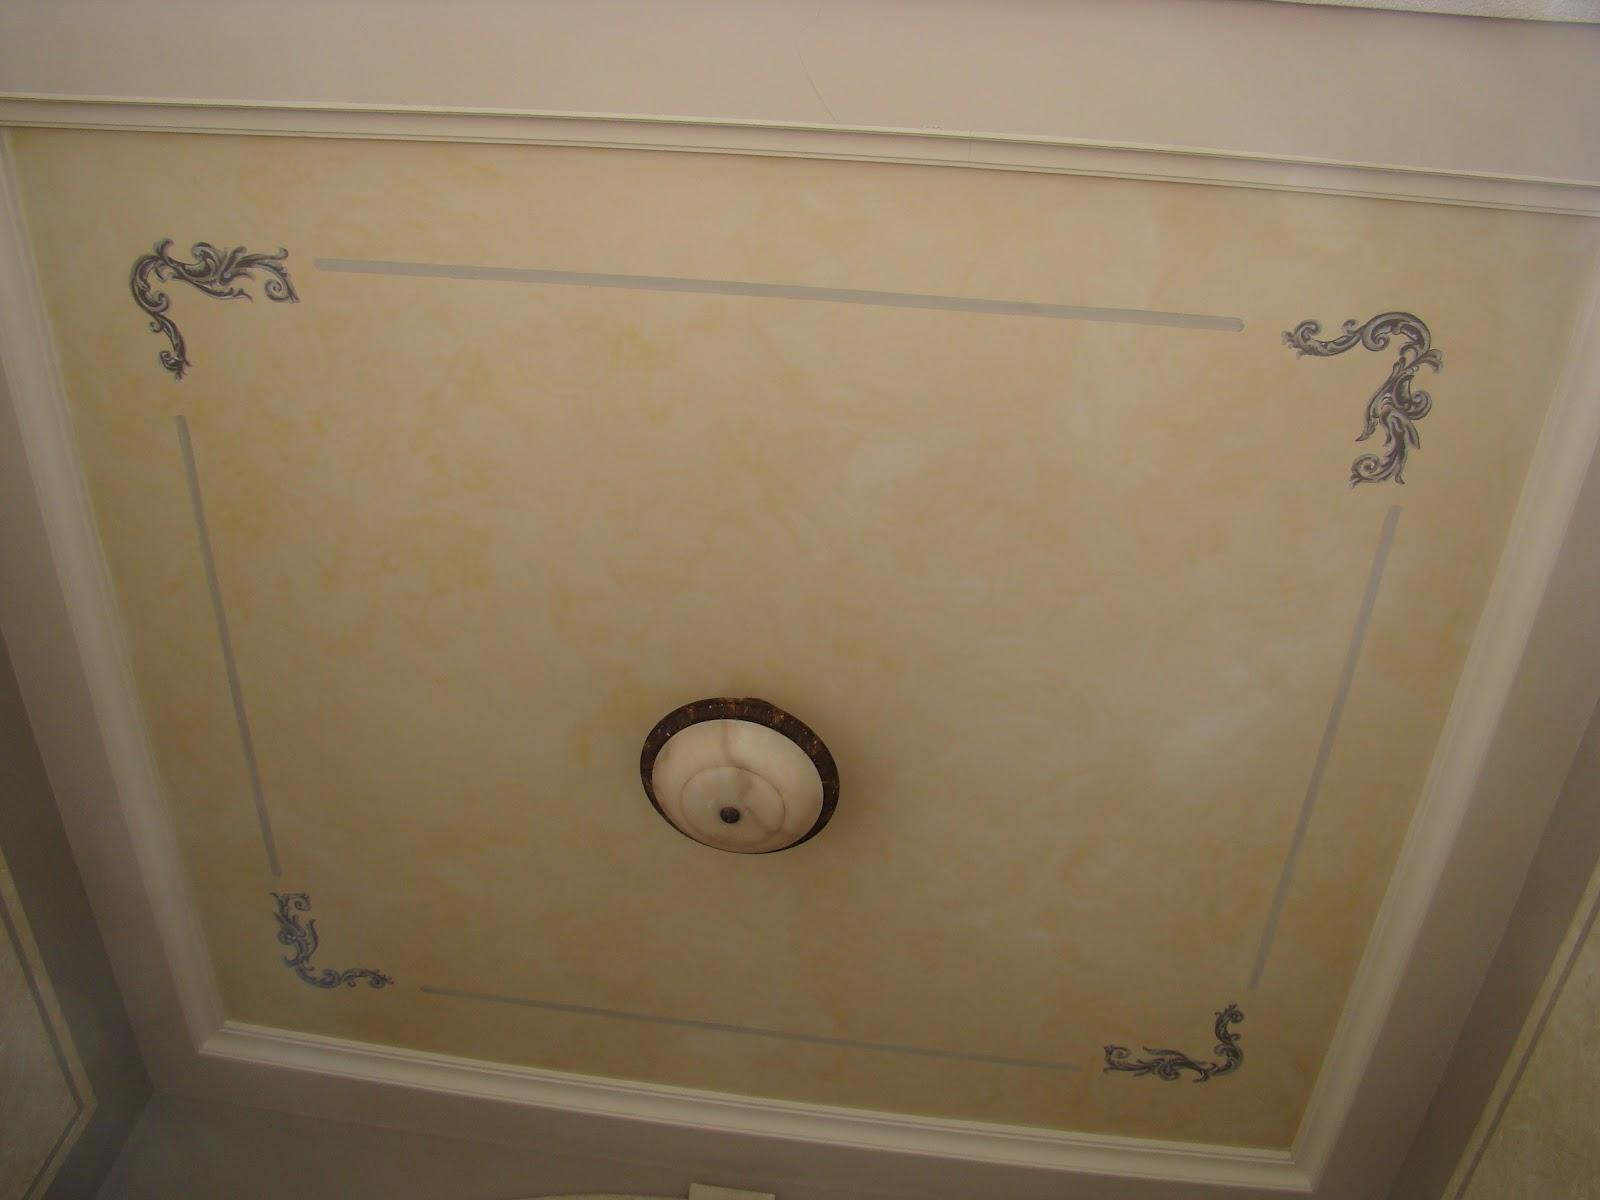 Gregodecor paredes y techos decorados for Techos decorados